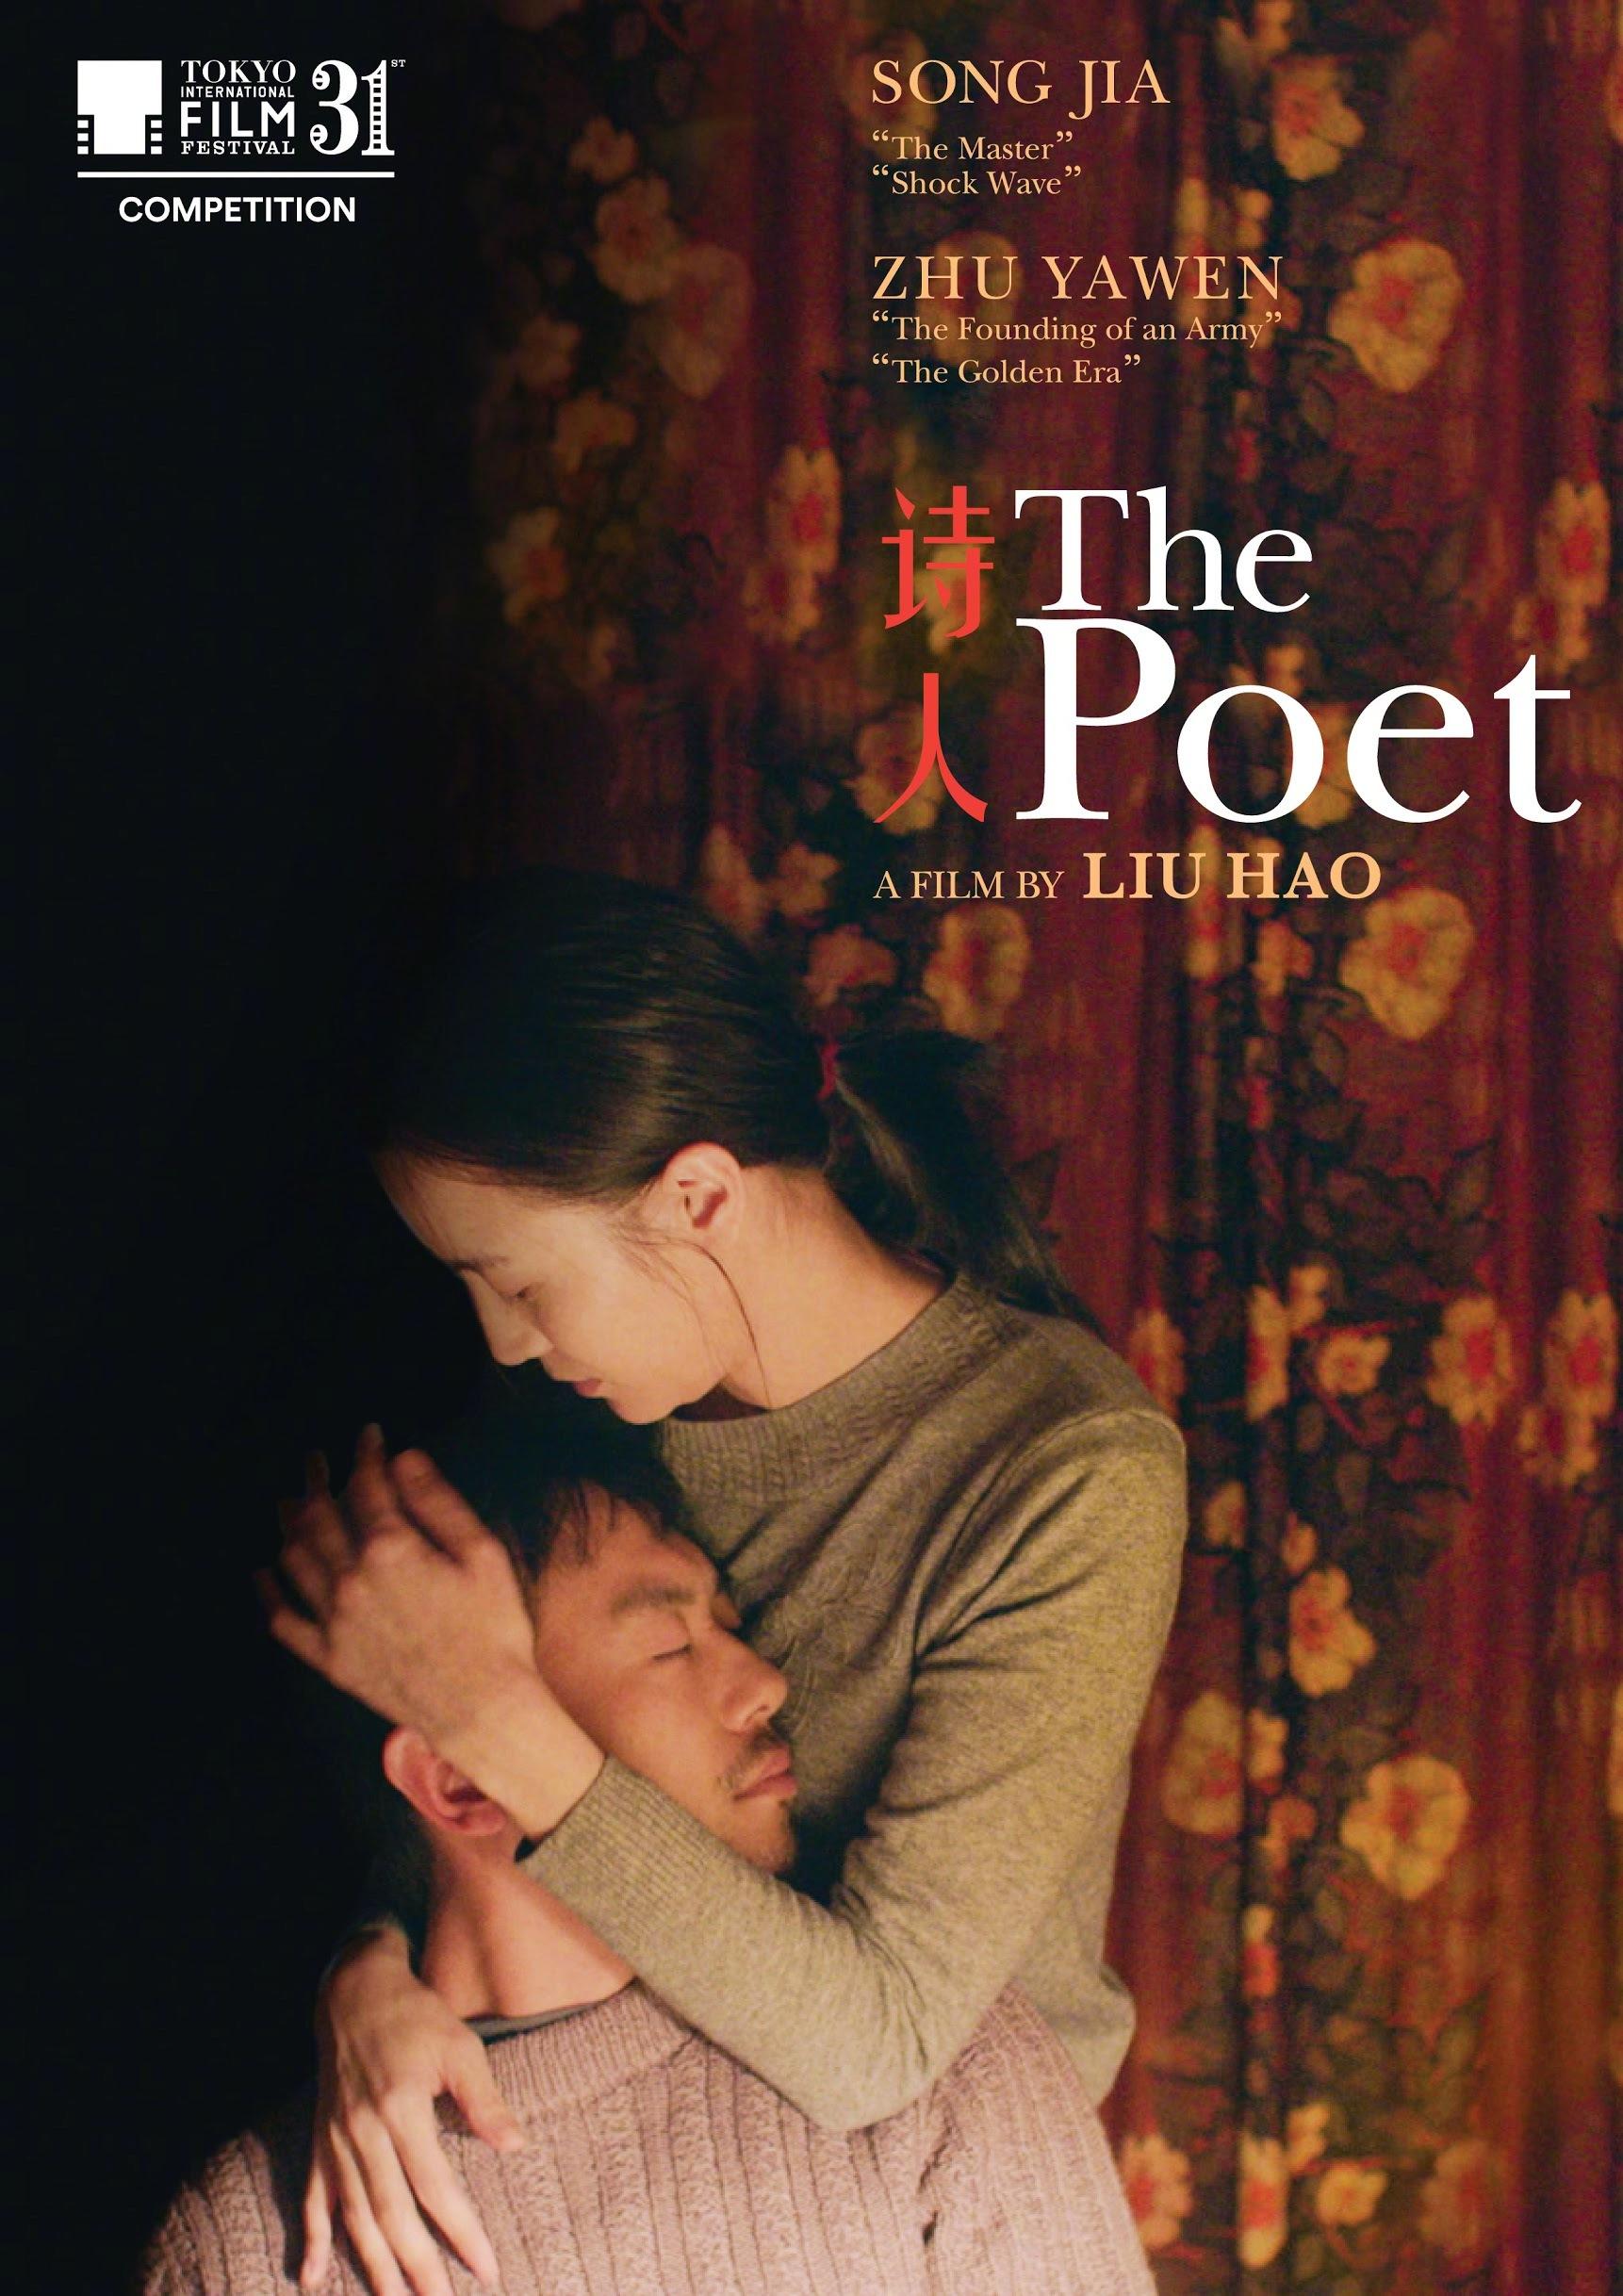 《诗人》发布东京电影节版预告 宋佳为爱痴狂朱亚文仰头痛哭